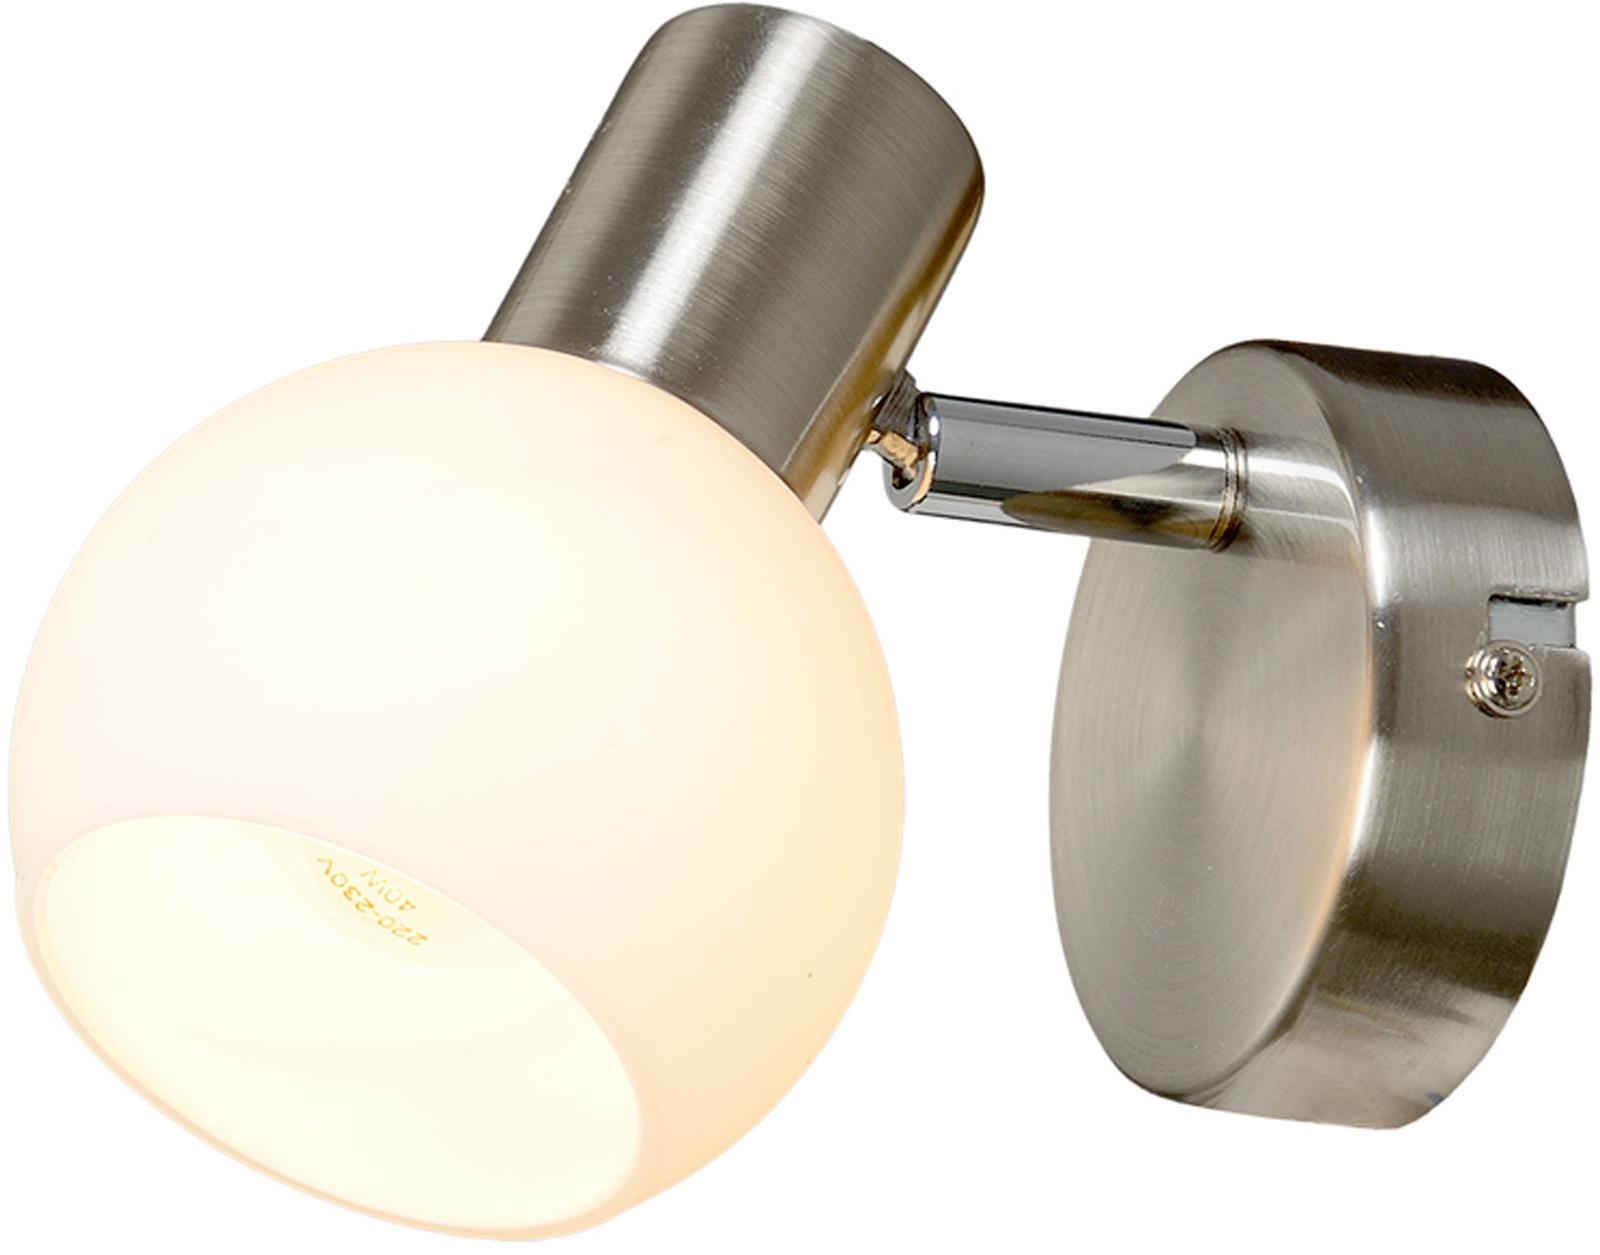 Настенно-потолочный светильник МАКСИСВЕТ 4651, 6-4651-1-ST E14, 125*90*135, 6-4651-1-ST E14, серебристый максисвет потолочная люстра максисвет design геометрия 1 1696 4 cr y led